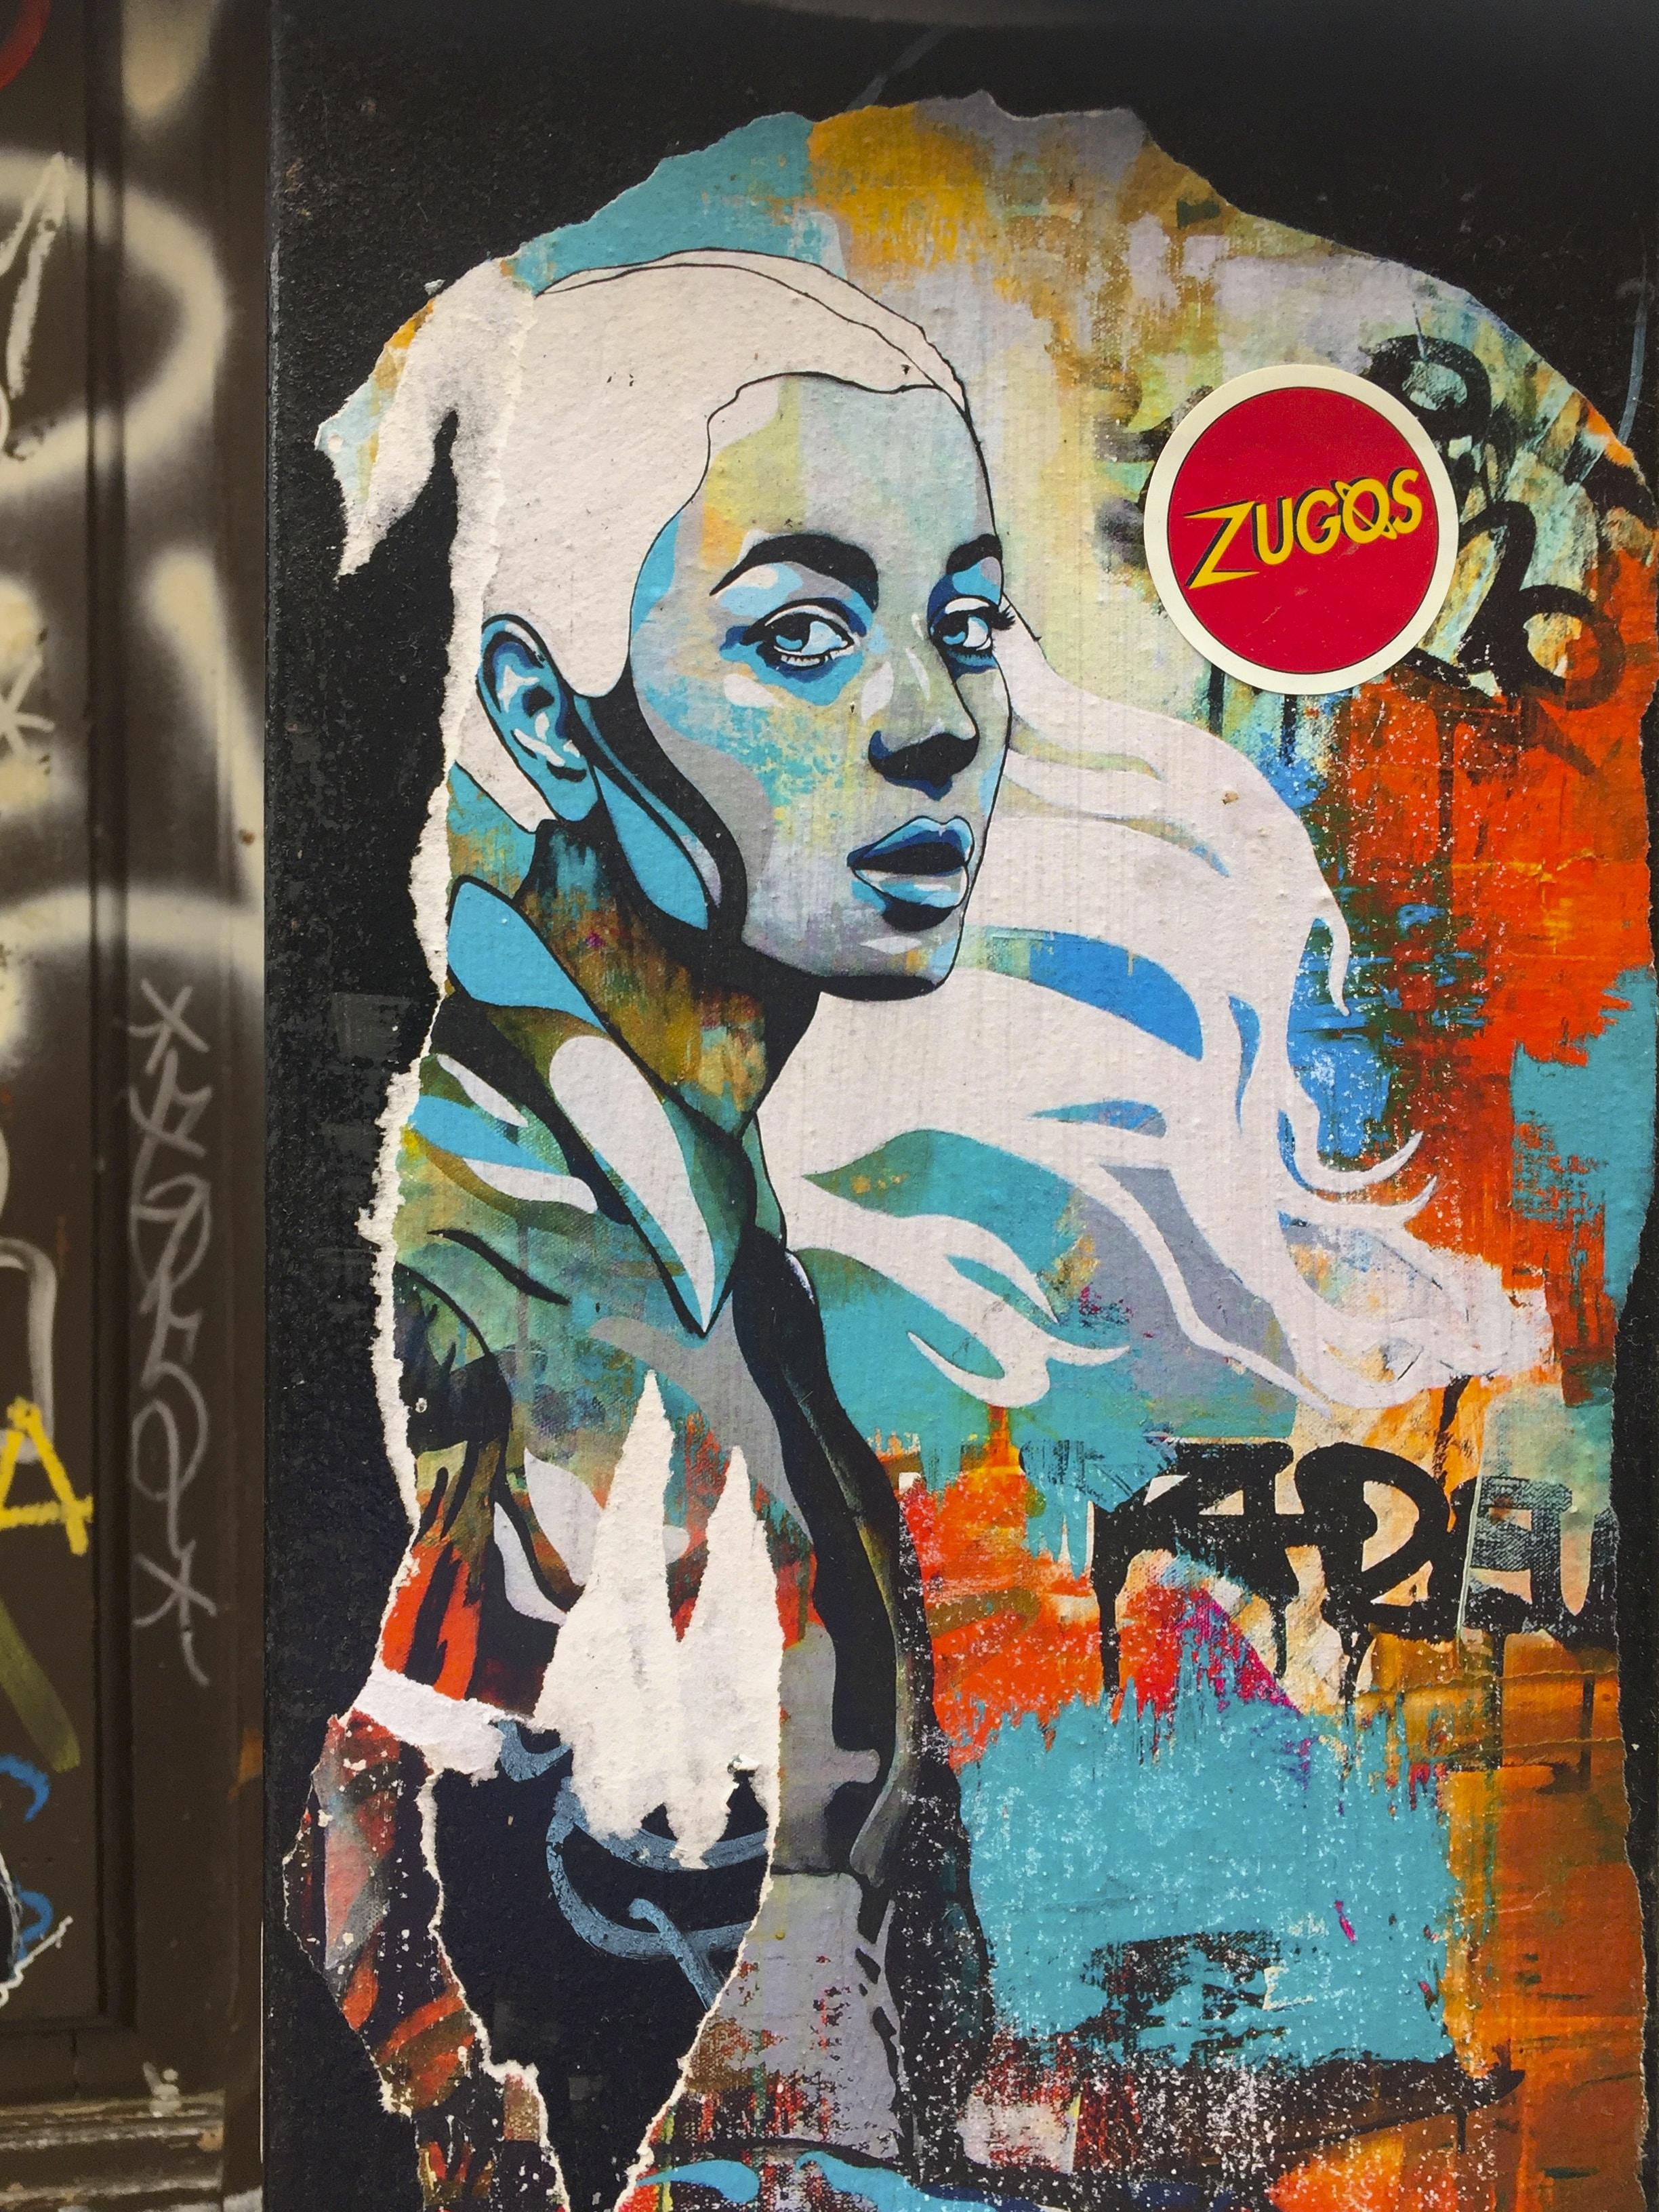 Zugos digital wallpaper